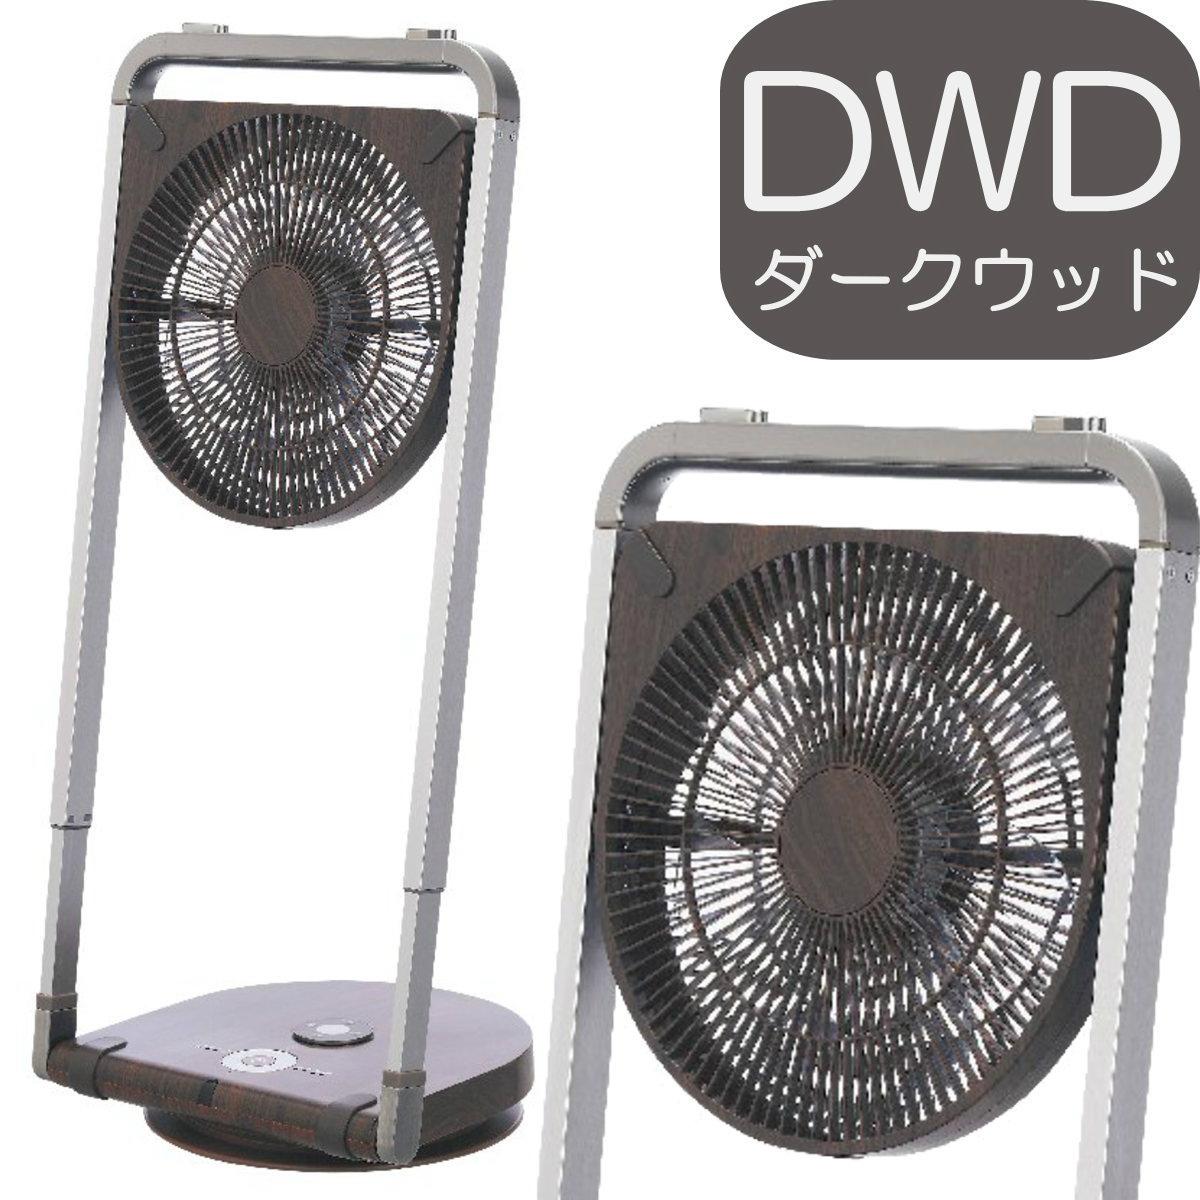 DCモーター折畳式扇風機 | FLS-252D | ダークウッド | フォールディングファン | 全高69-81cm | ドウシシャ 1年保証